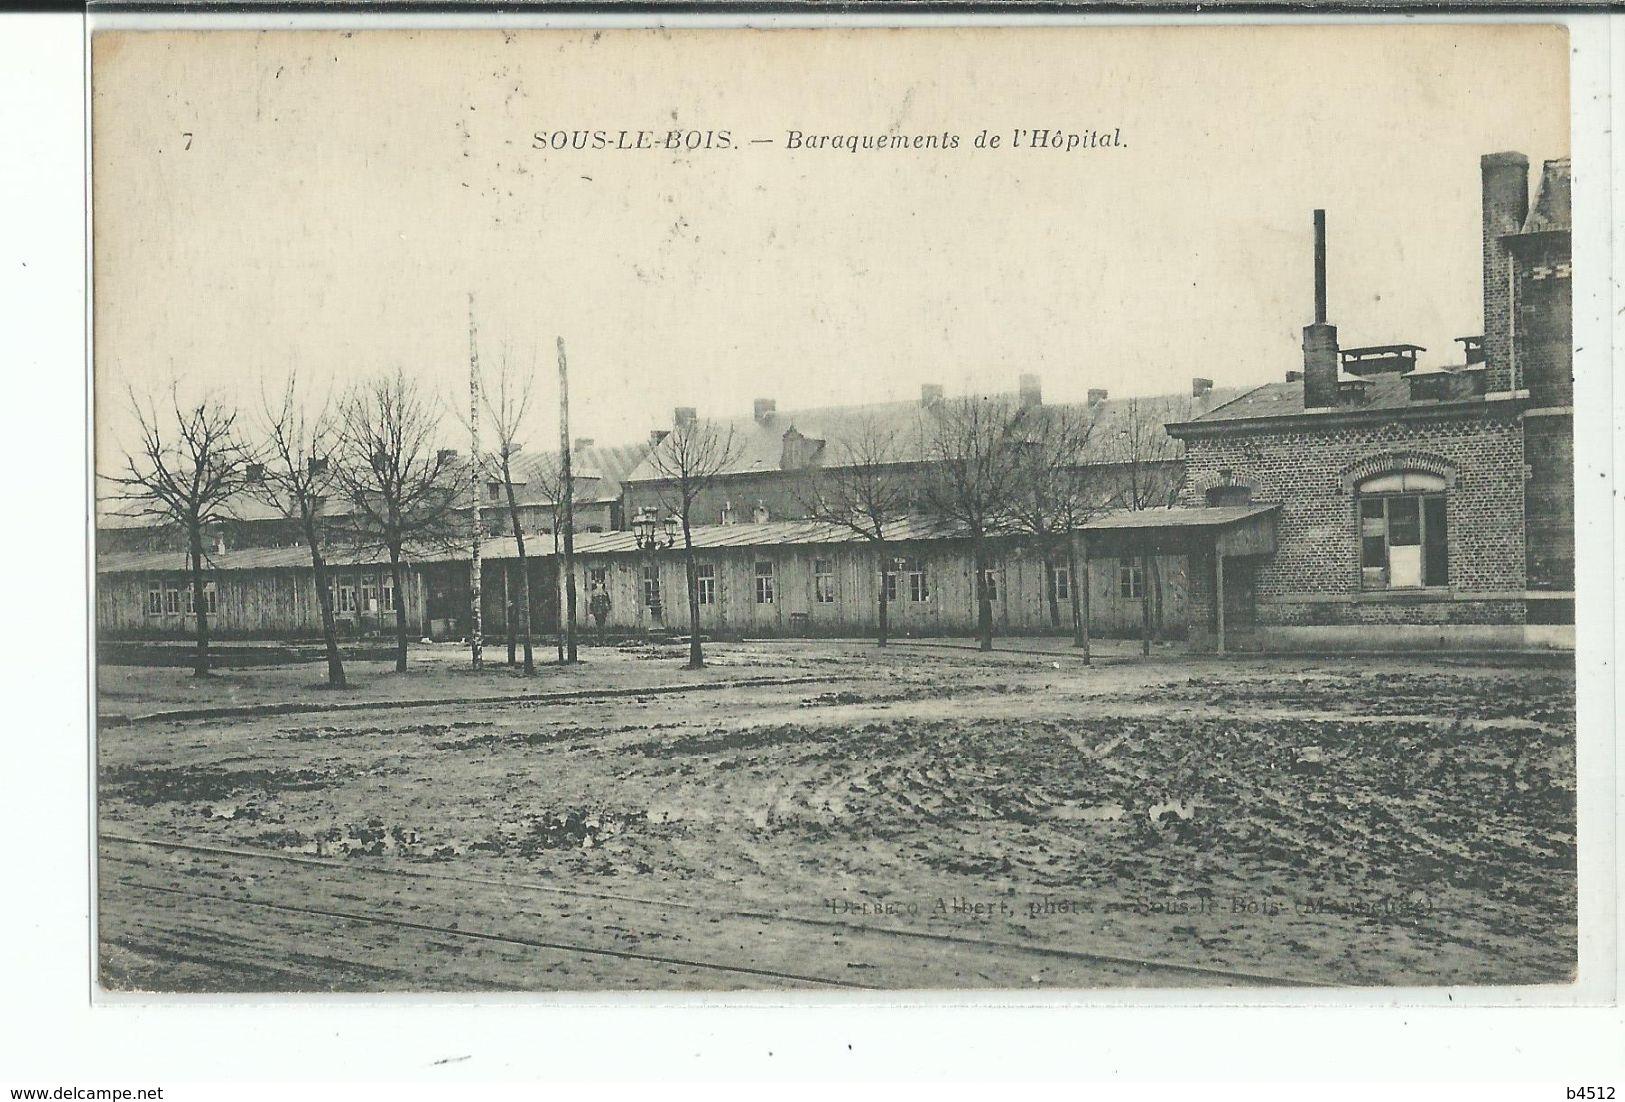 59 SOUS Le BOIS Baraquements De L'Hôpital - France